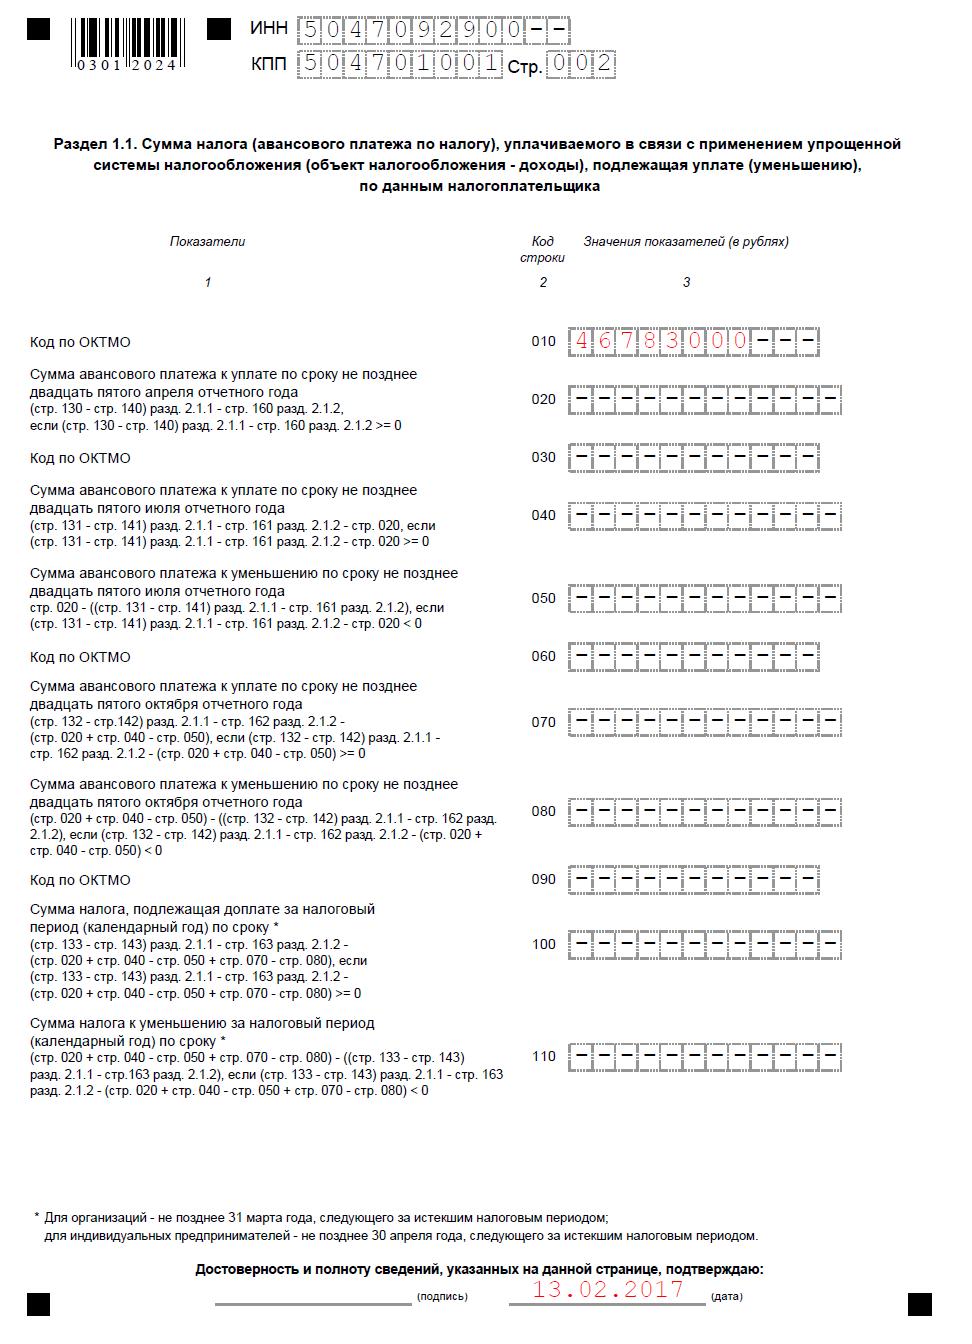 Отчет усн налоговую ооо в делать инструкция годовой как нулевой